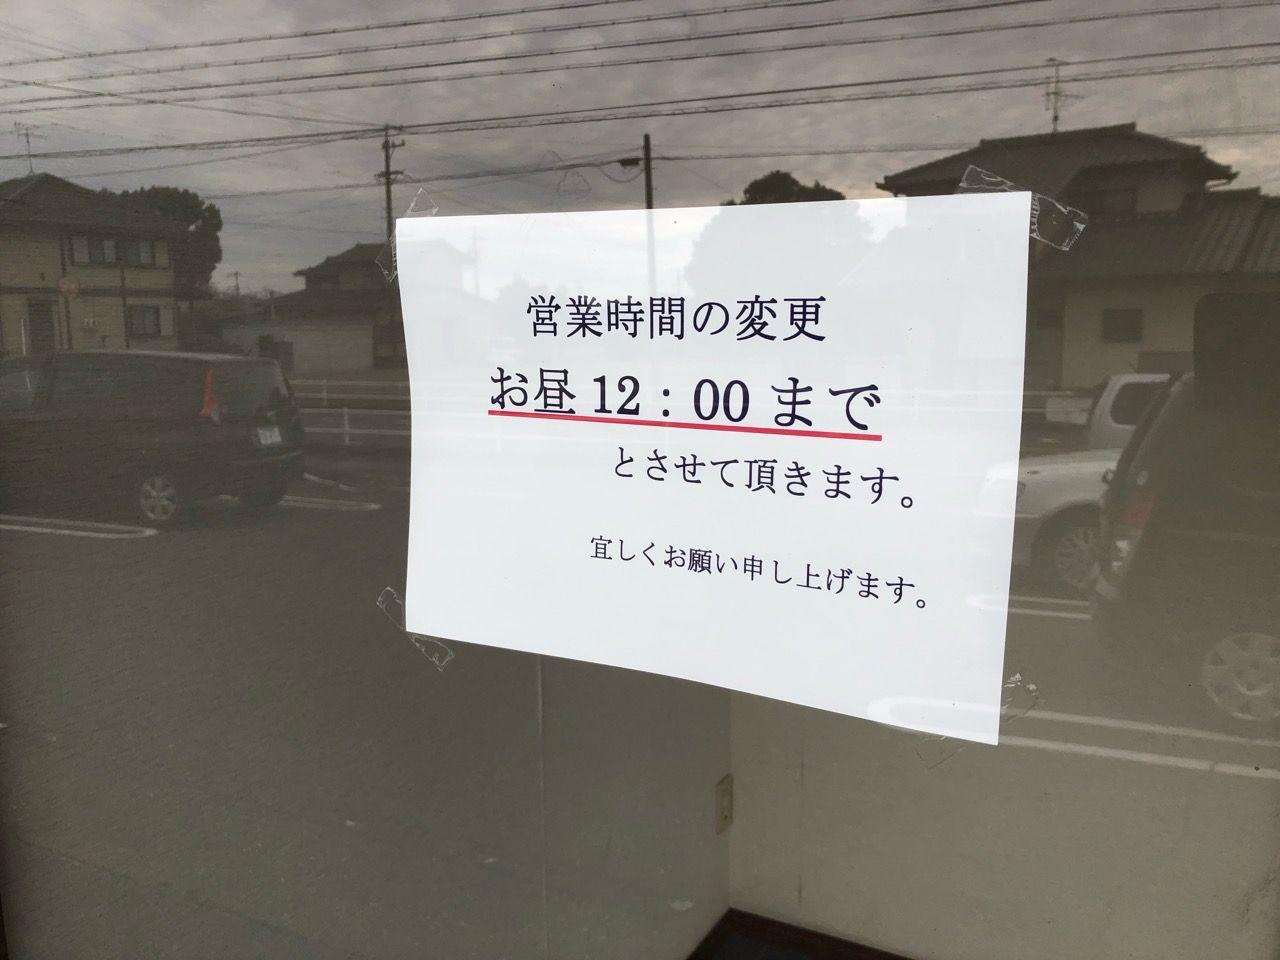 『ダイニングカフェ オーレ(Dining Café ORÉ)』営業時間変更のお知らせ